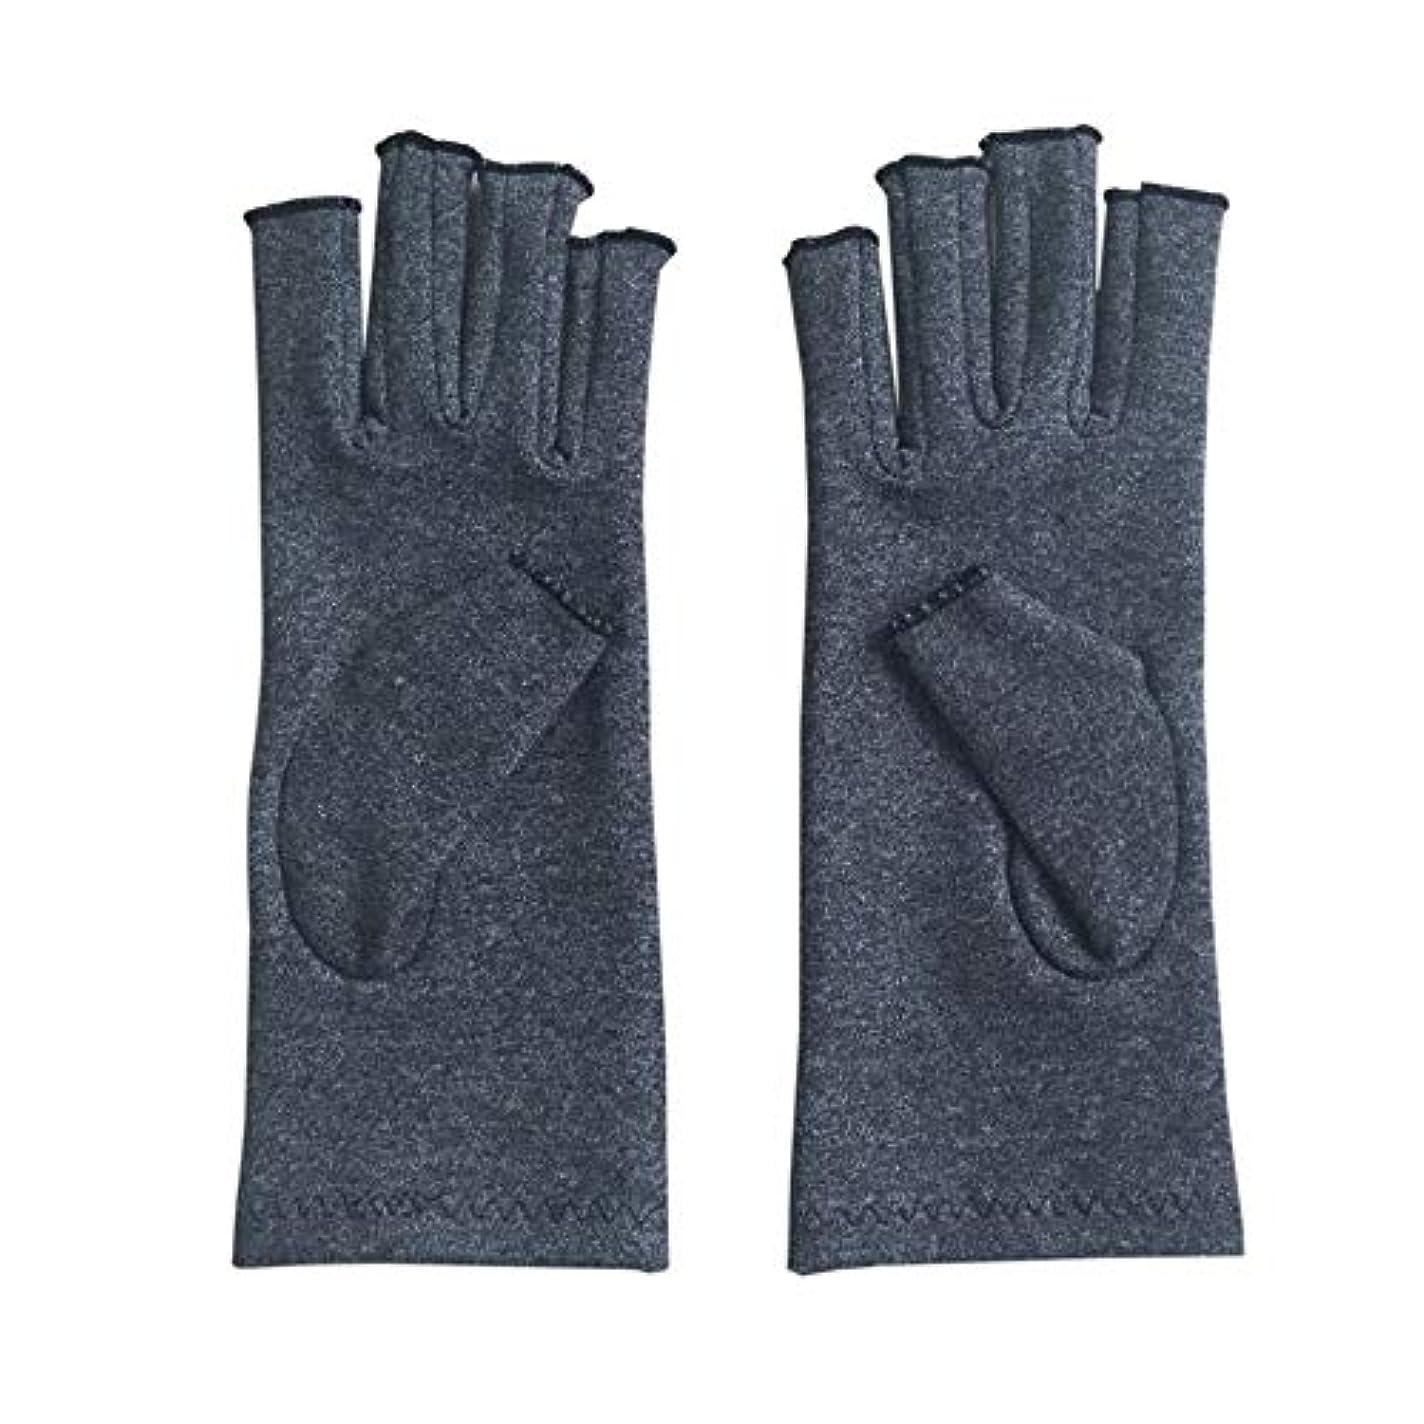 申し立てる汚染する雷雨ペア/セット快適な男性女性療法圧縮手袋無地通気性関節炎関節痛緩和手袋(Color:gray)(Size:M)